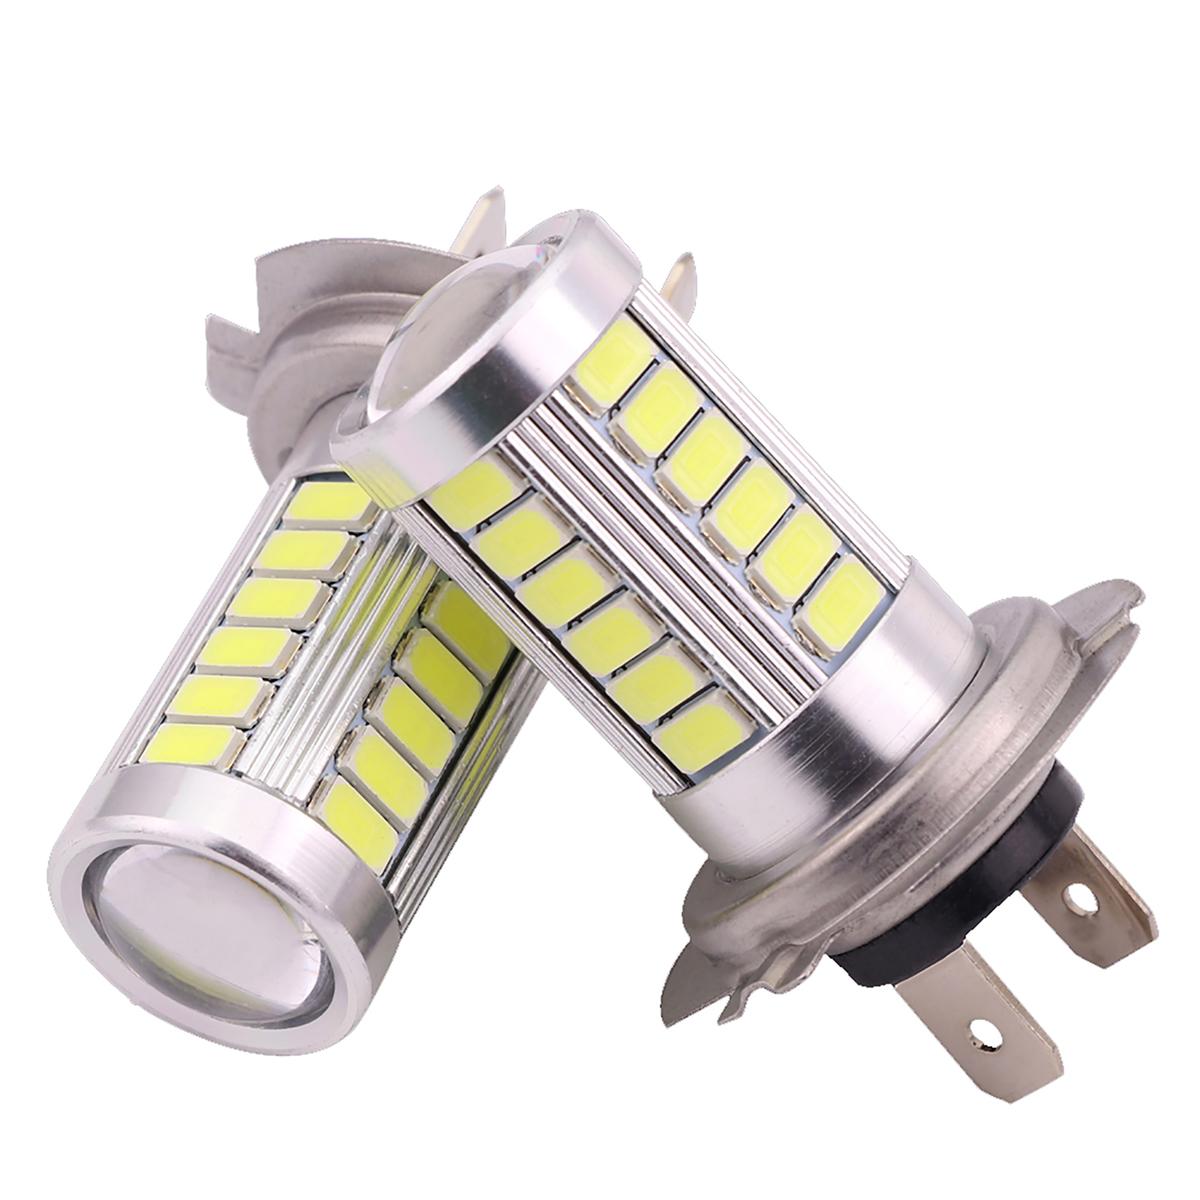 luci led per automobile - :: prova sito::: - coppia lampade luce